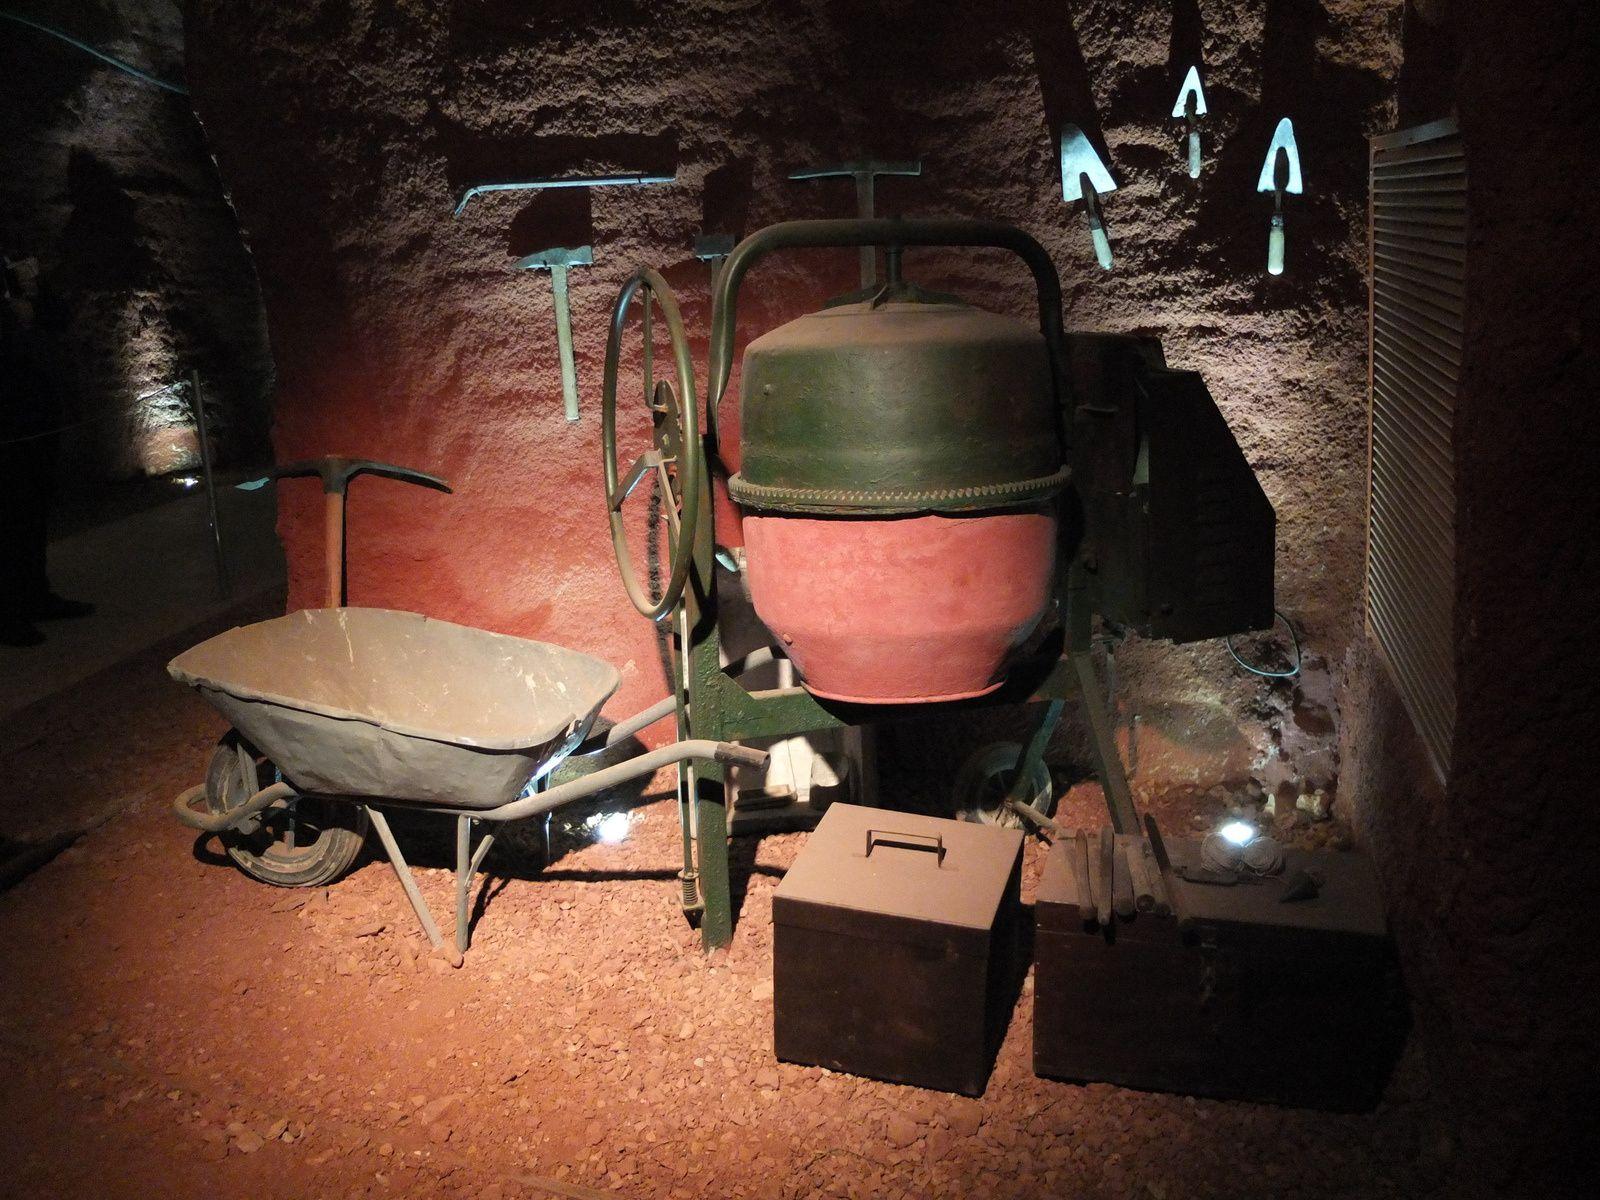 L'atelier du maçon qui intervenait pour construire des caniveaux d'évacuation de l'eau, ennemi n°1 dans les mines de bauxite.